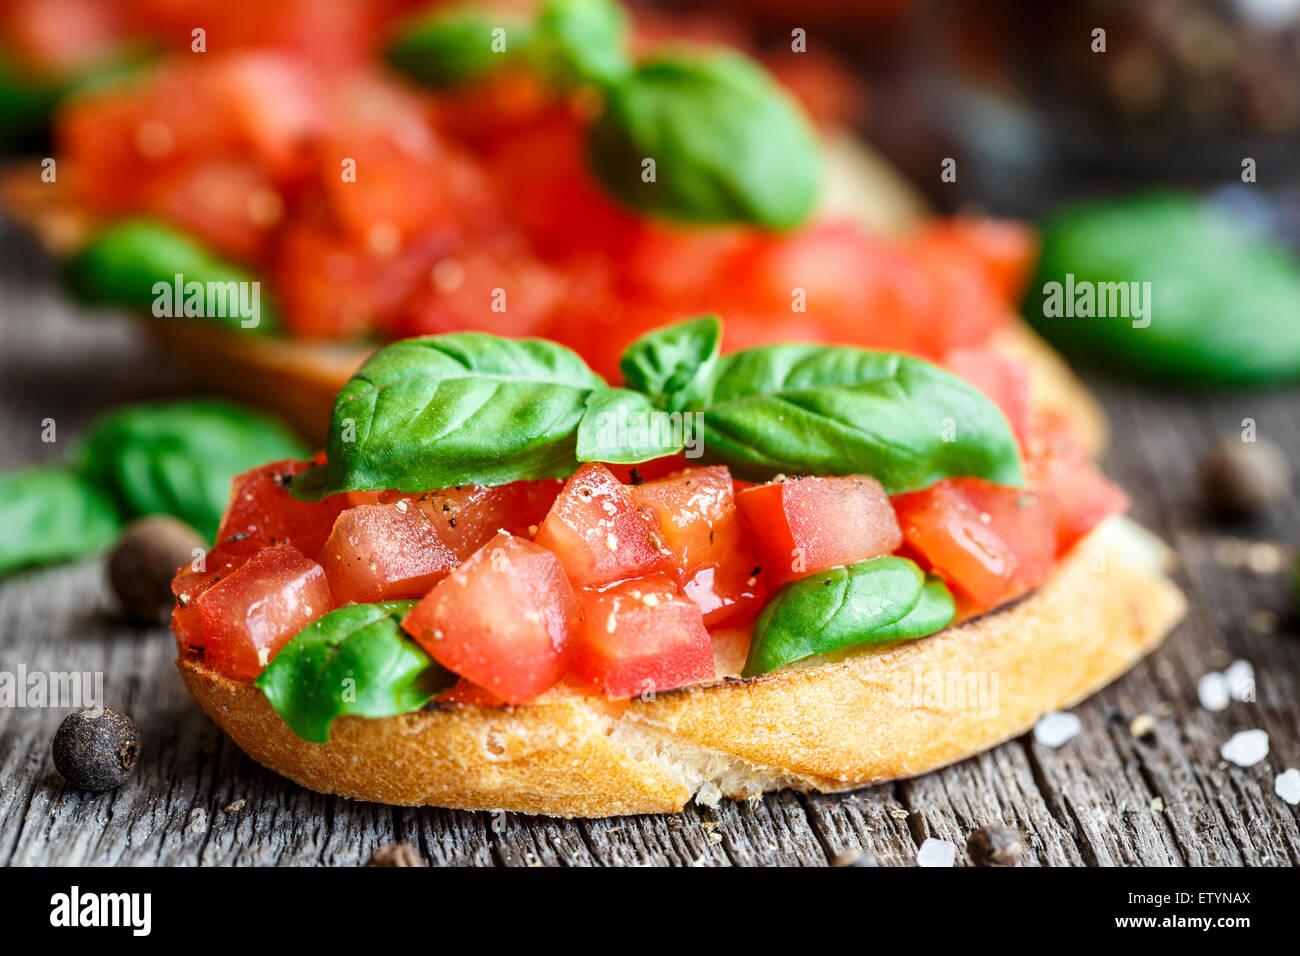 Bruschetta aux tomates et concassé de tomates au basilic sur pain grillé Photo Stock